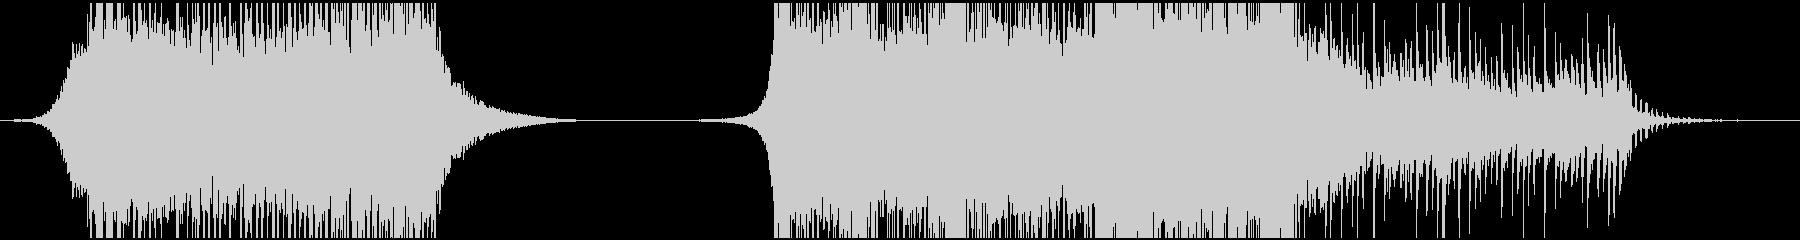 トレイラー系/壮大なハリウッドBGMの未再生の波形